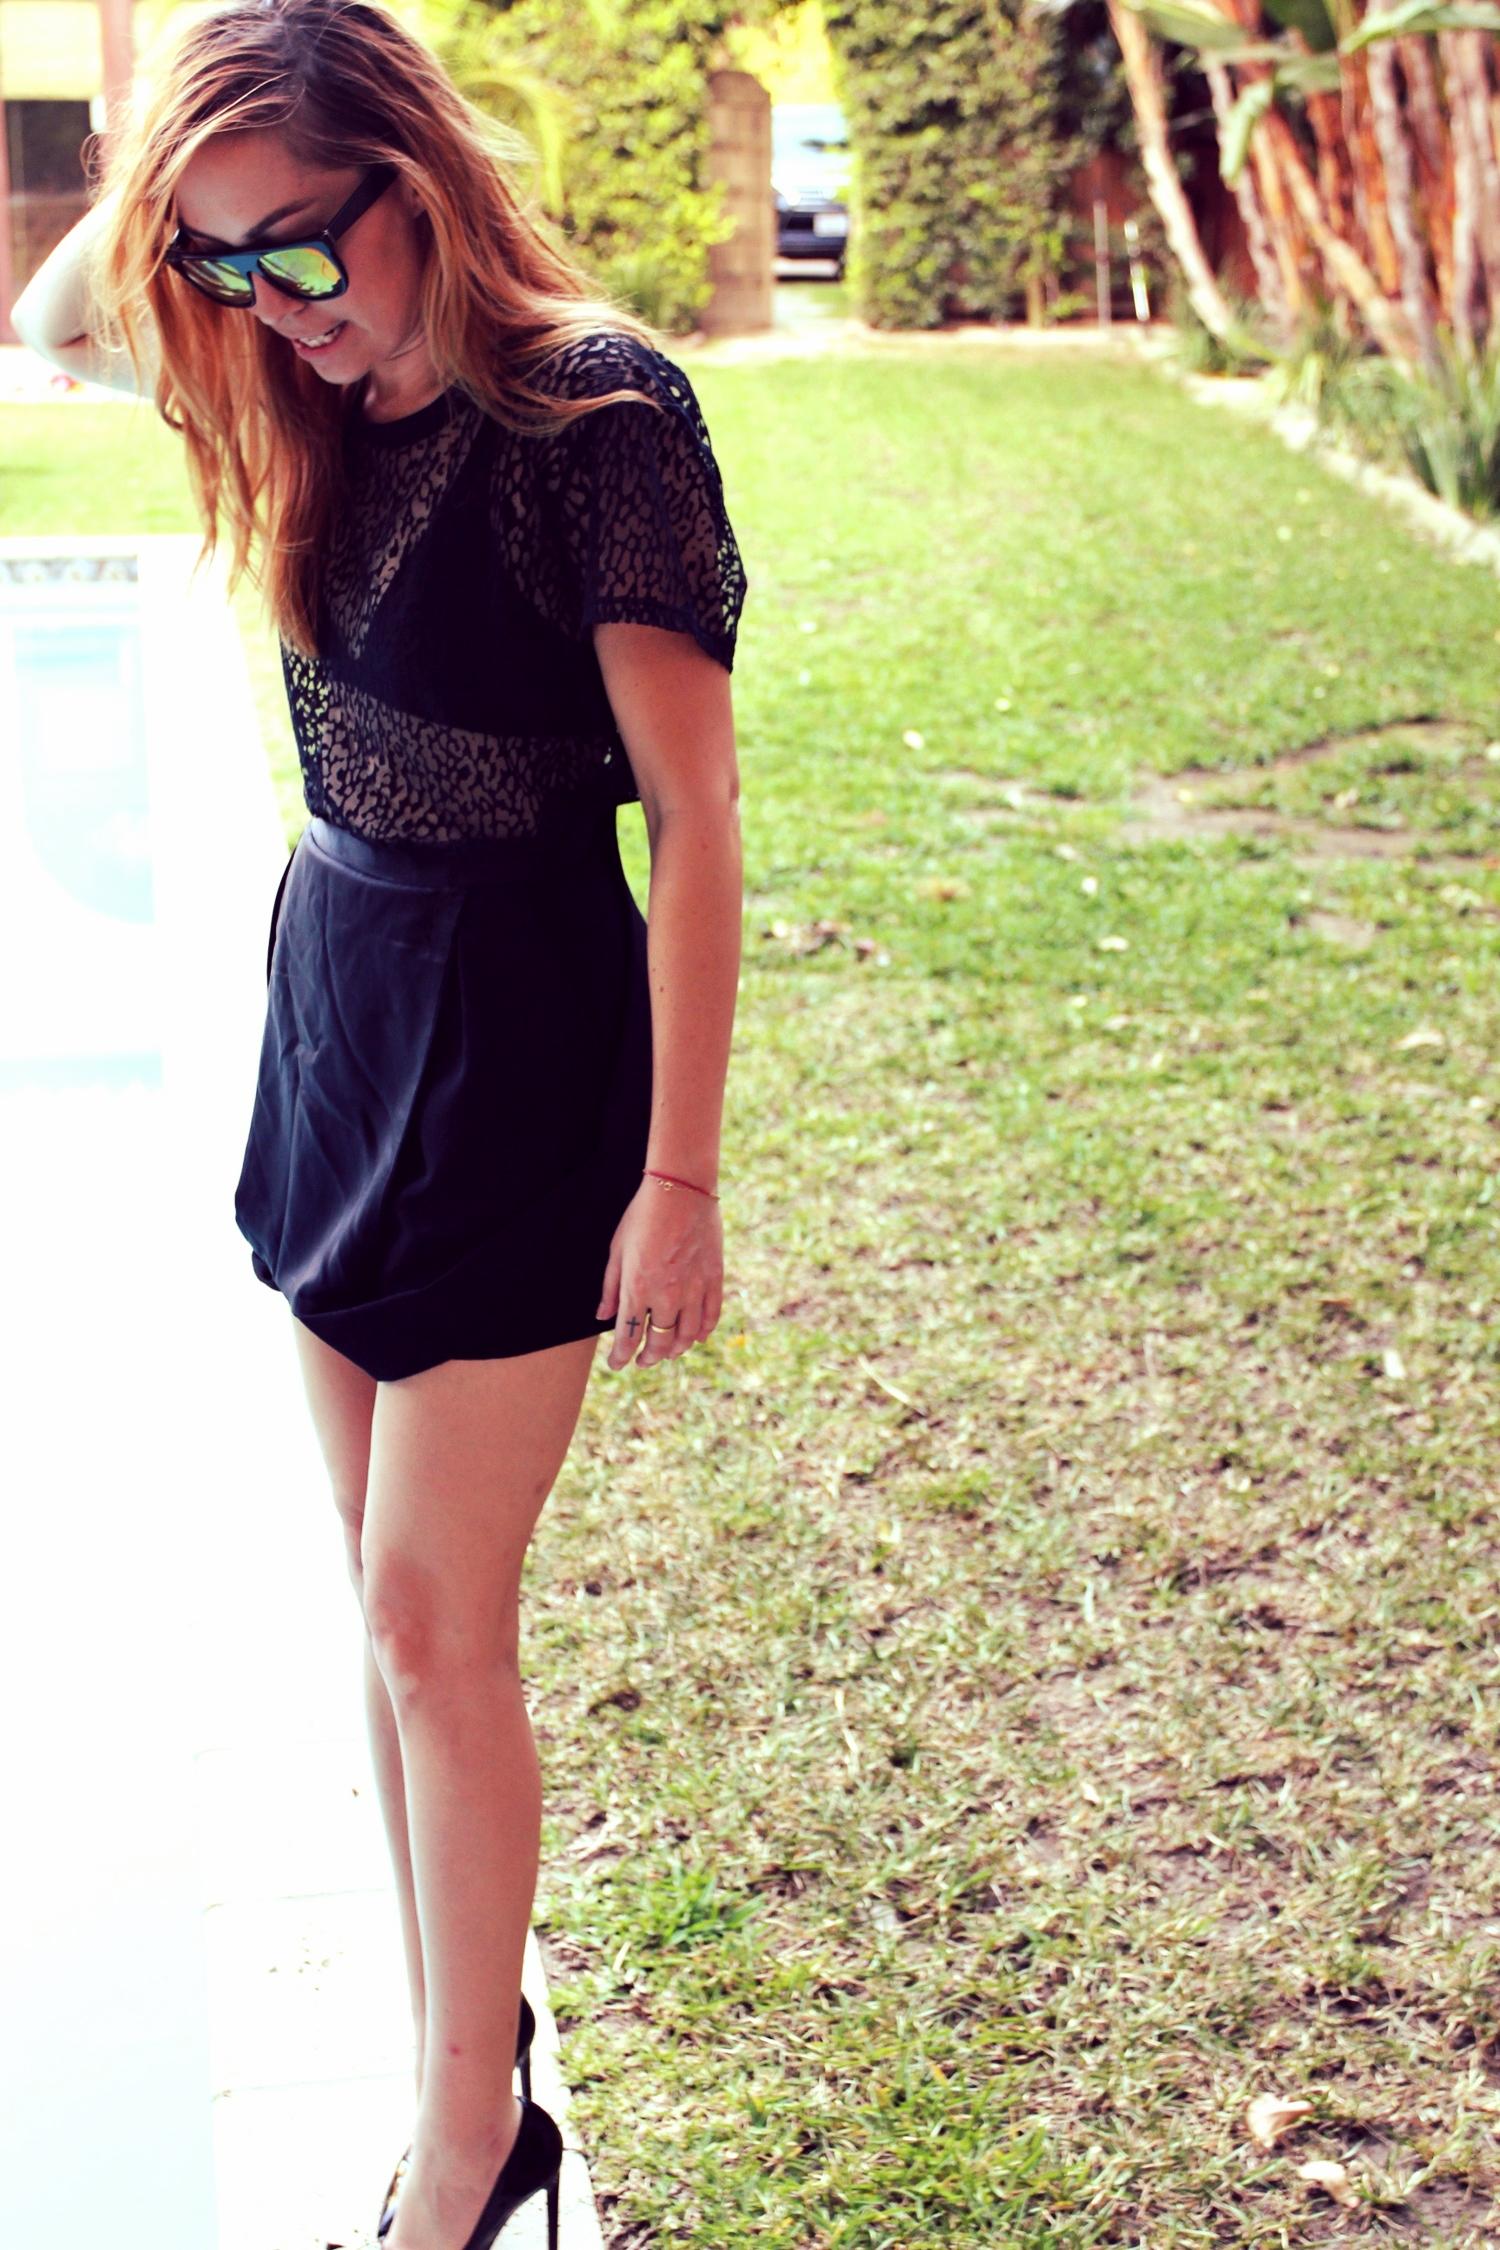 Shirt + Shoes - Saint Laurent   Overalls - Topshop    photos by Sarah Hardcastle